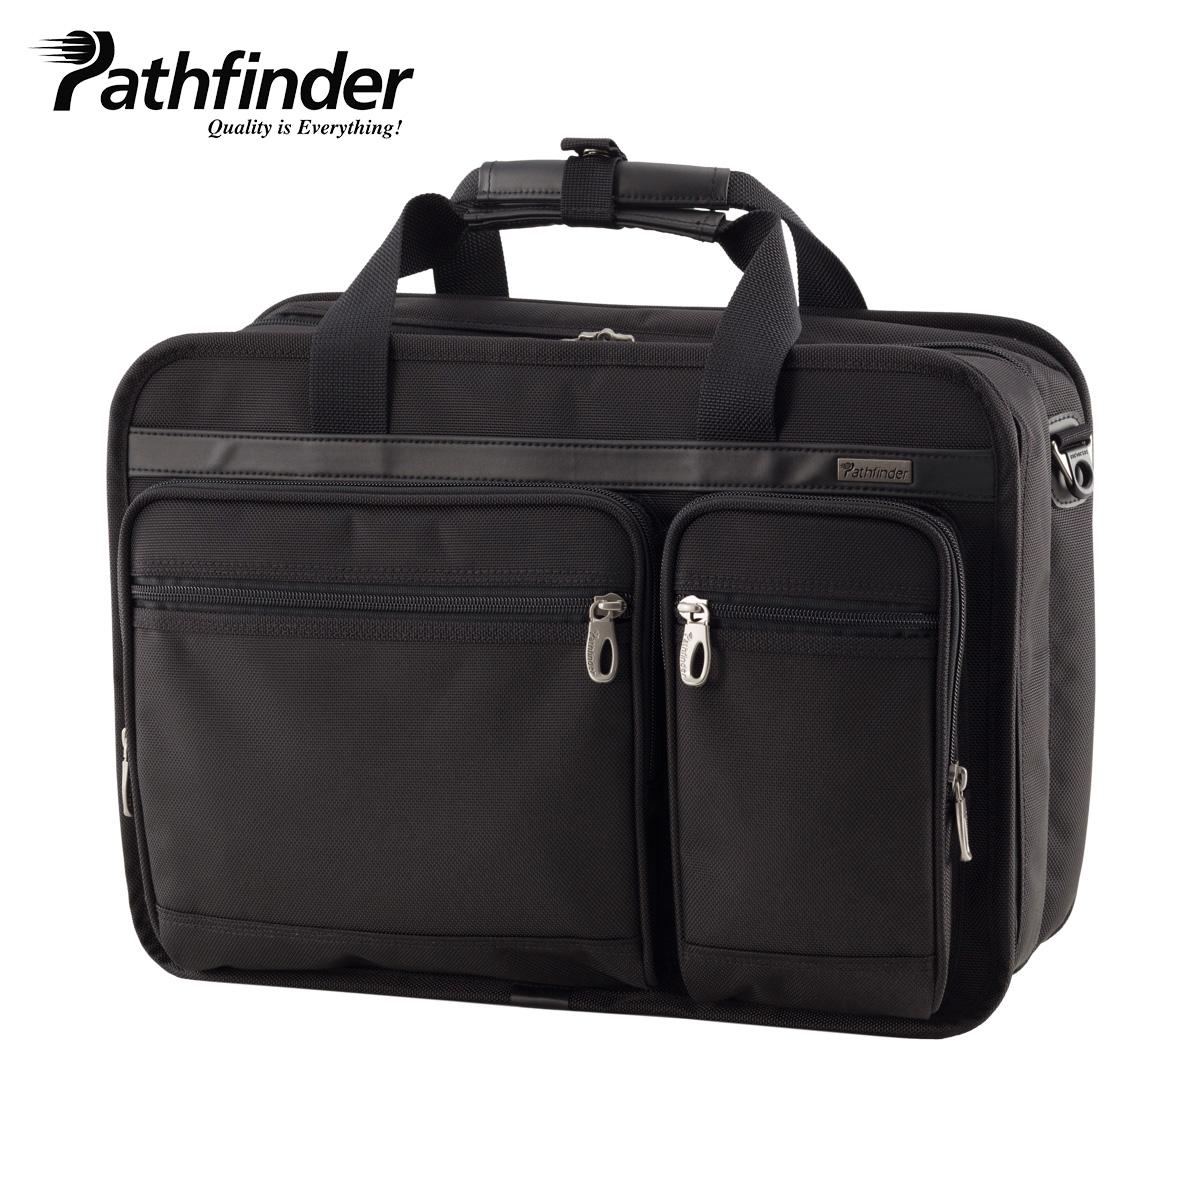 パスファインダー Pathfinder バッグ ビジネスバッグ ブリーフケース ショルダー メンズ AVENGER ブラック 黒 PF1810B